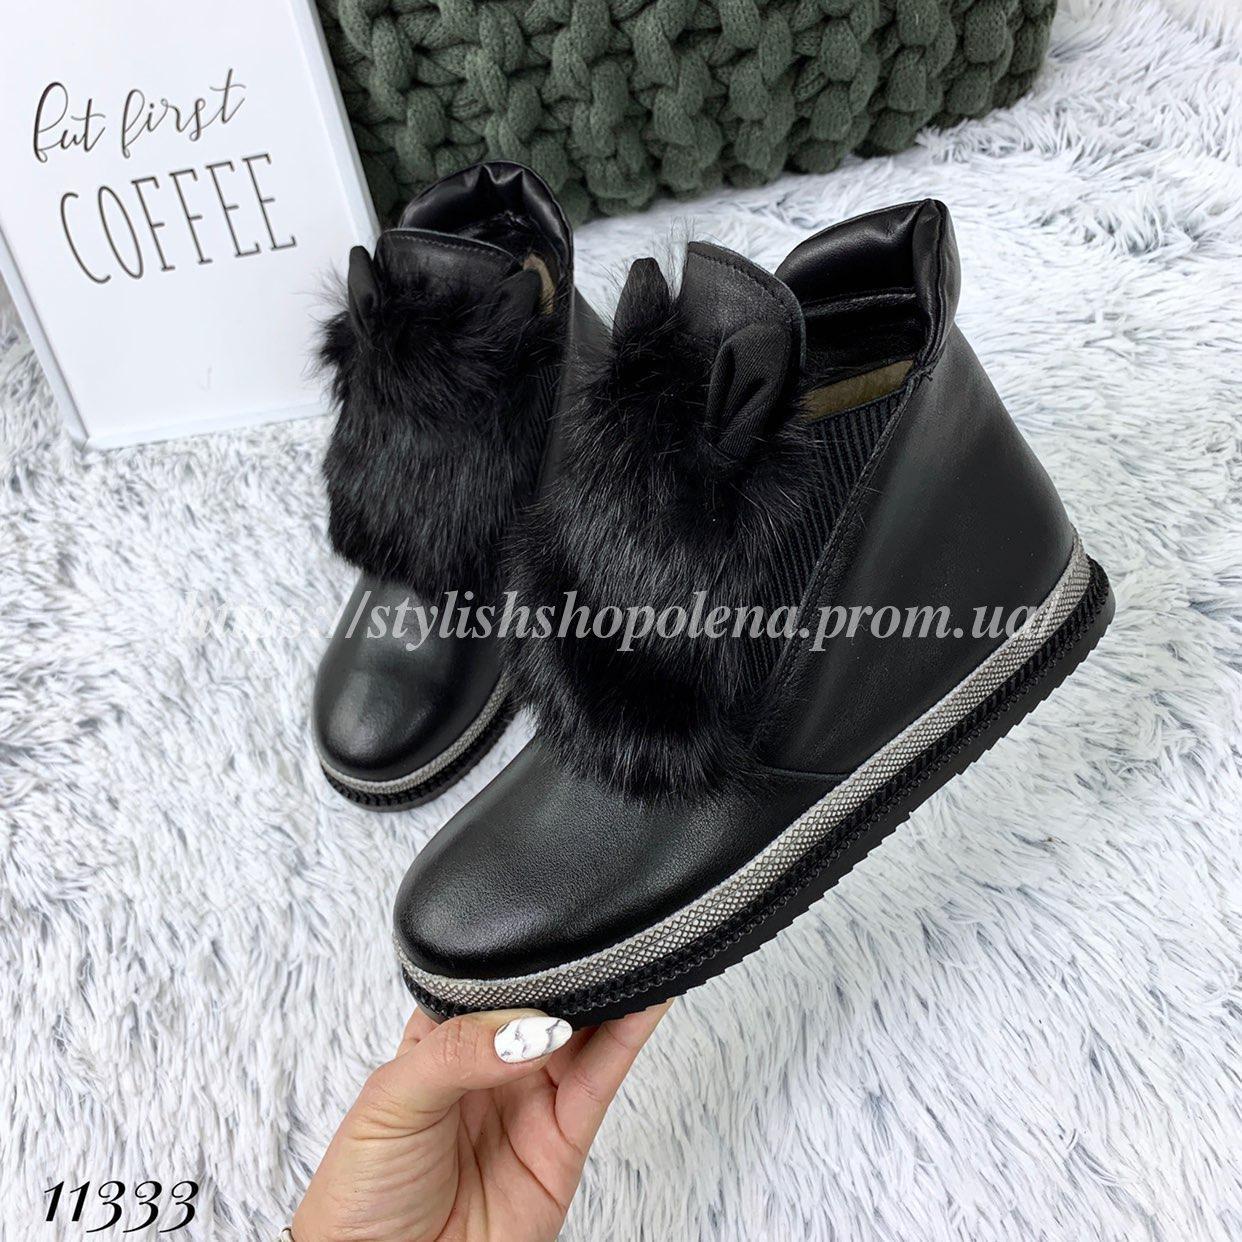 Заказ натуральной кожаной обуви